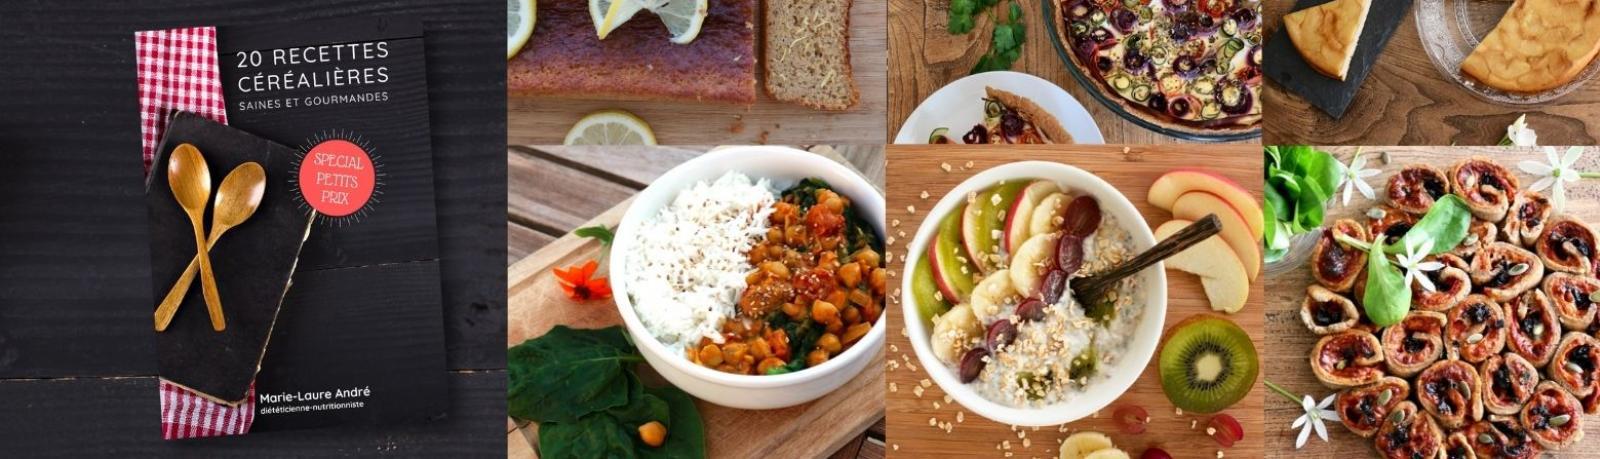 Ebook gratuit - recettes saines et gourmandes à petits prix